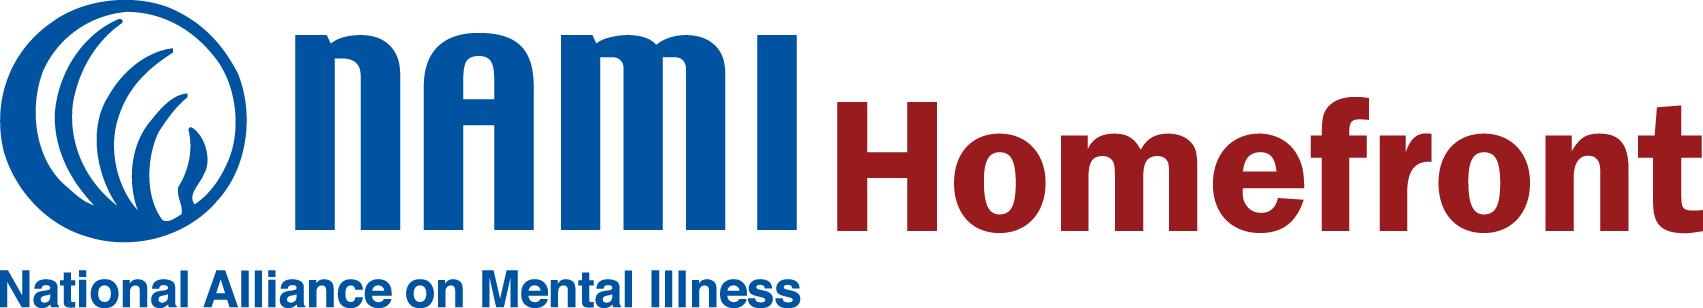 Homefront-logo_transparent.png